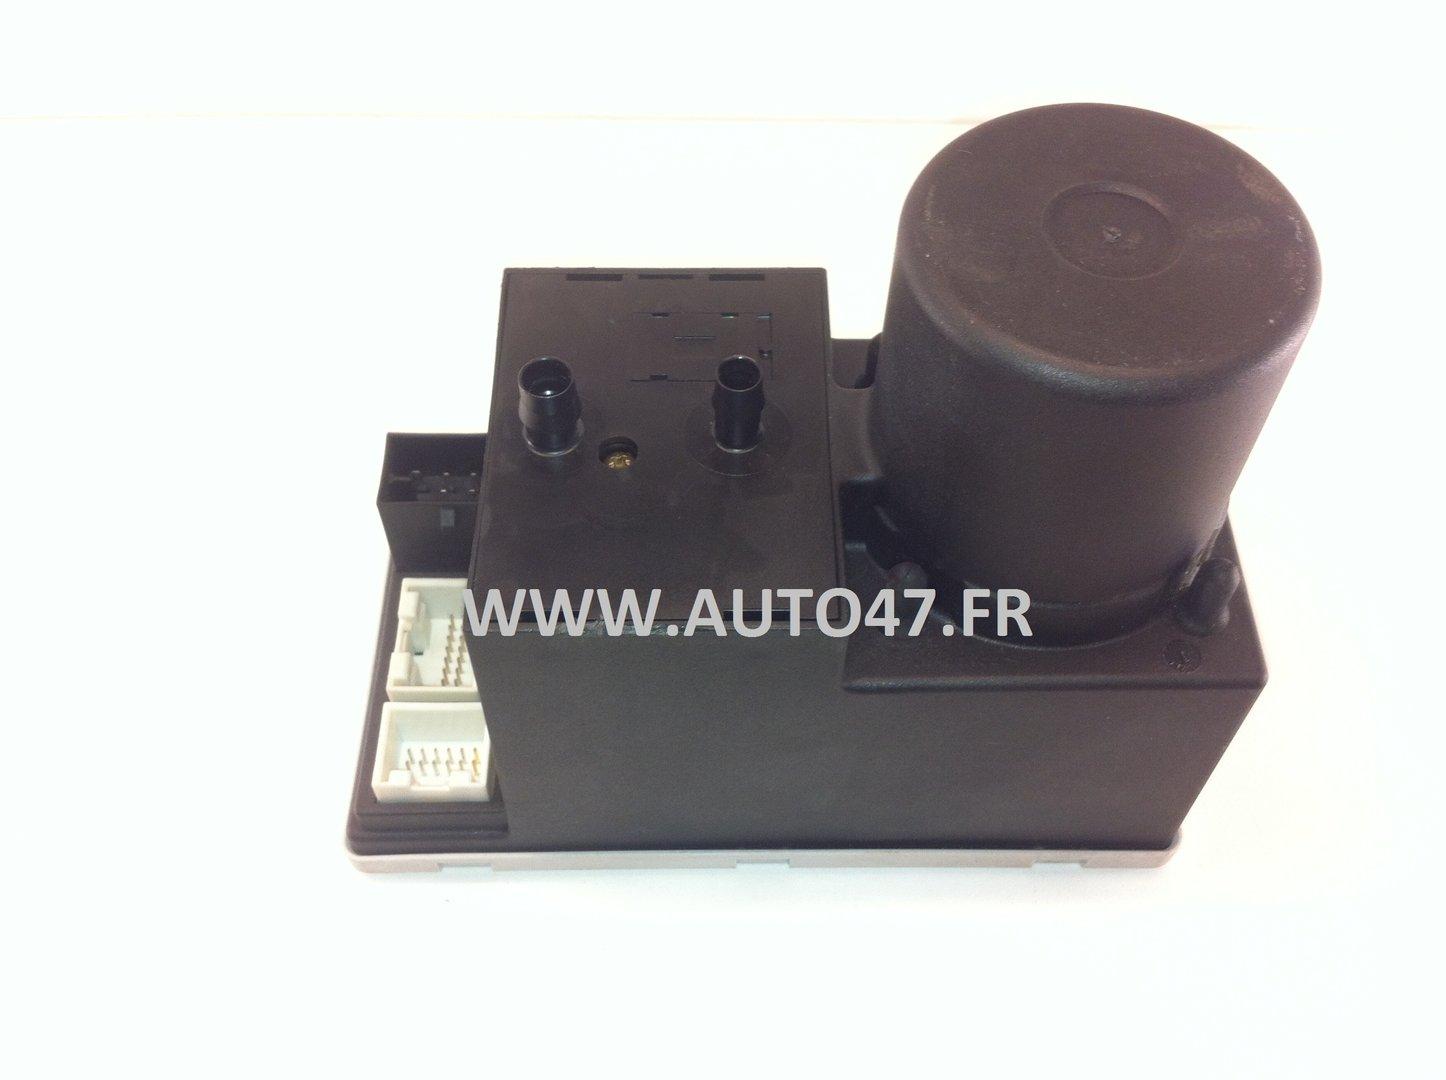 pompe de centralisation audi a3 a4 8l0 862 257 k alzgo fr. Black Bedroom Furniture Sets. Home Design Ideas